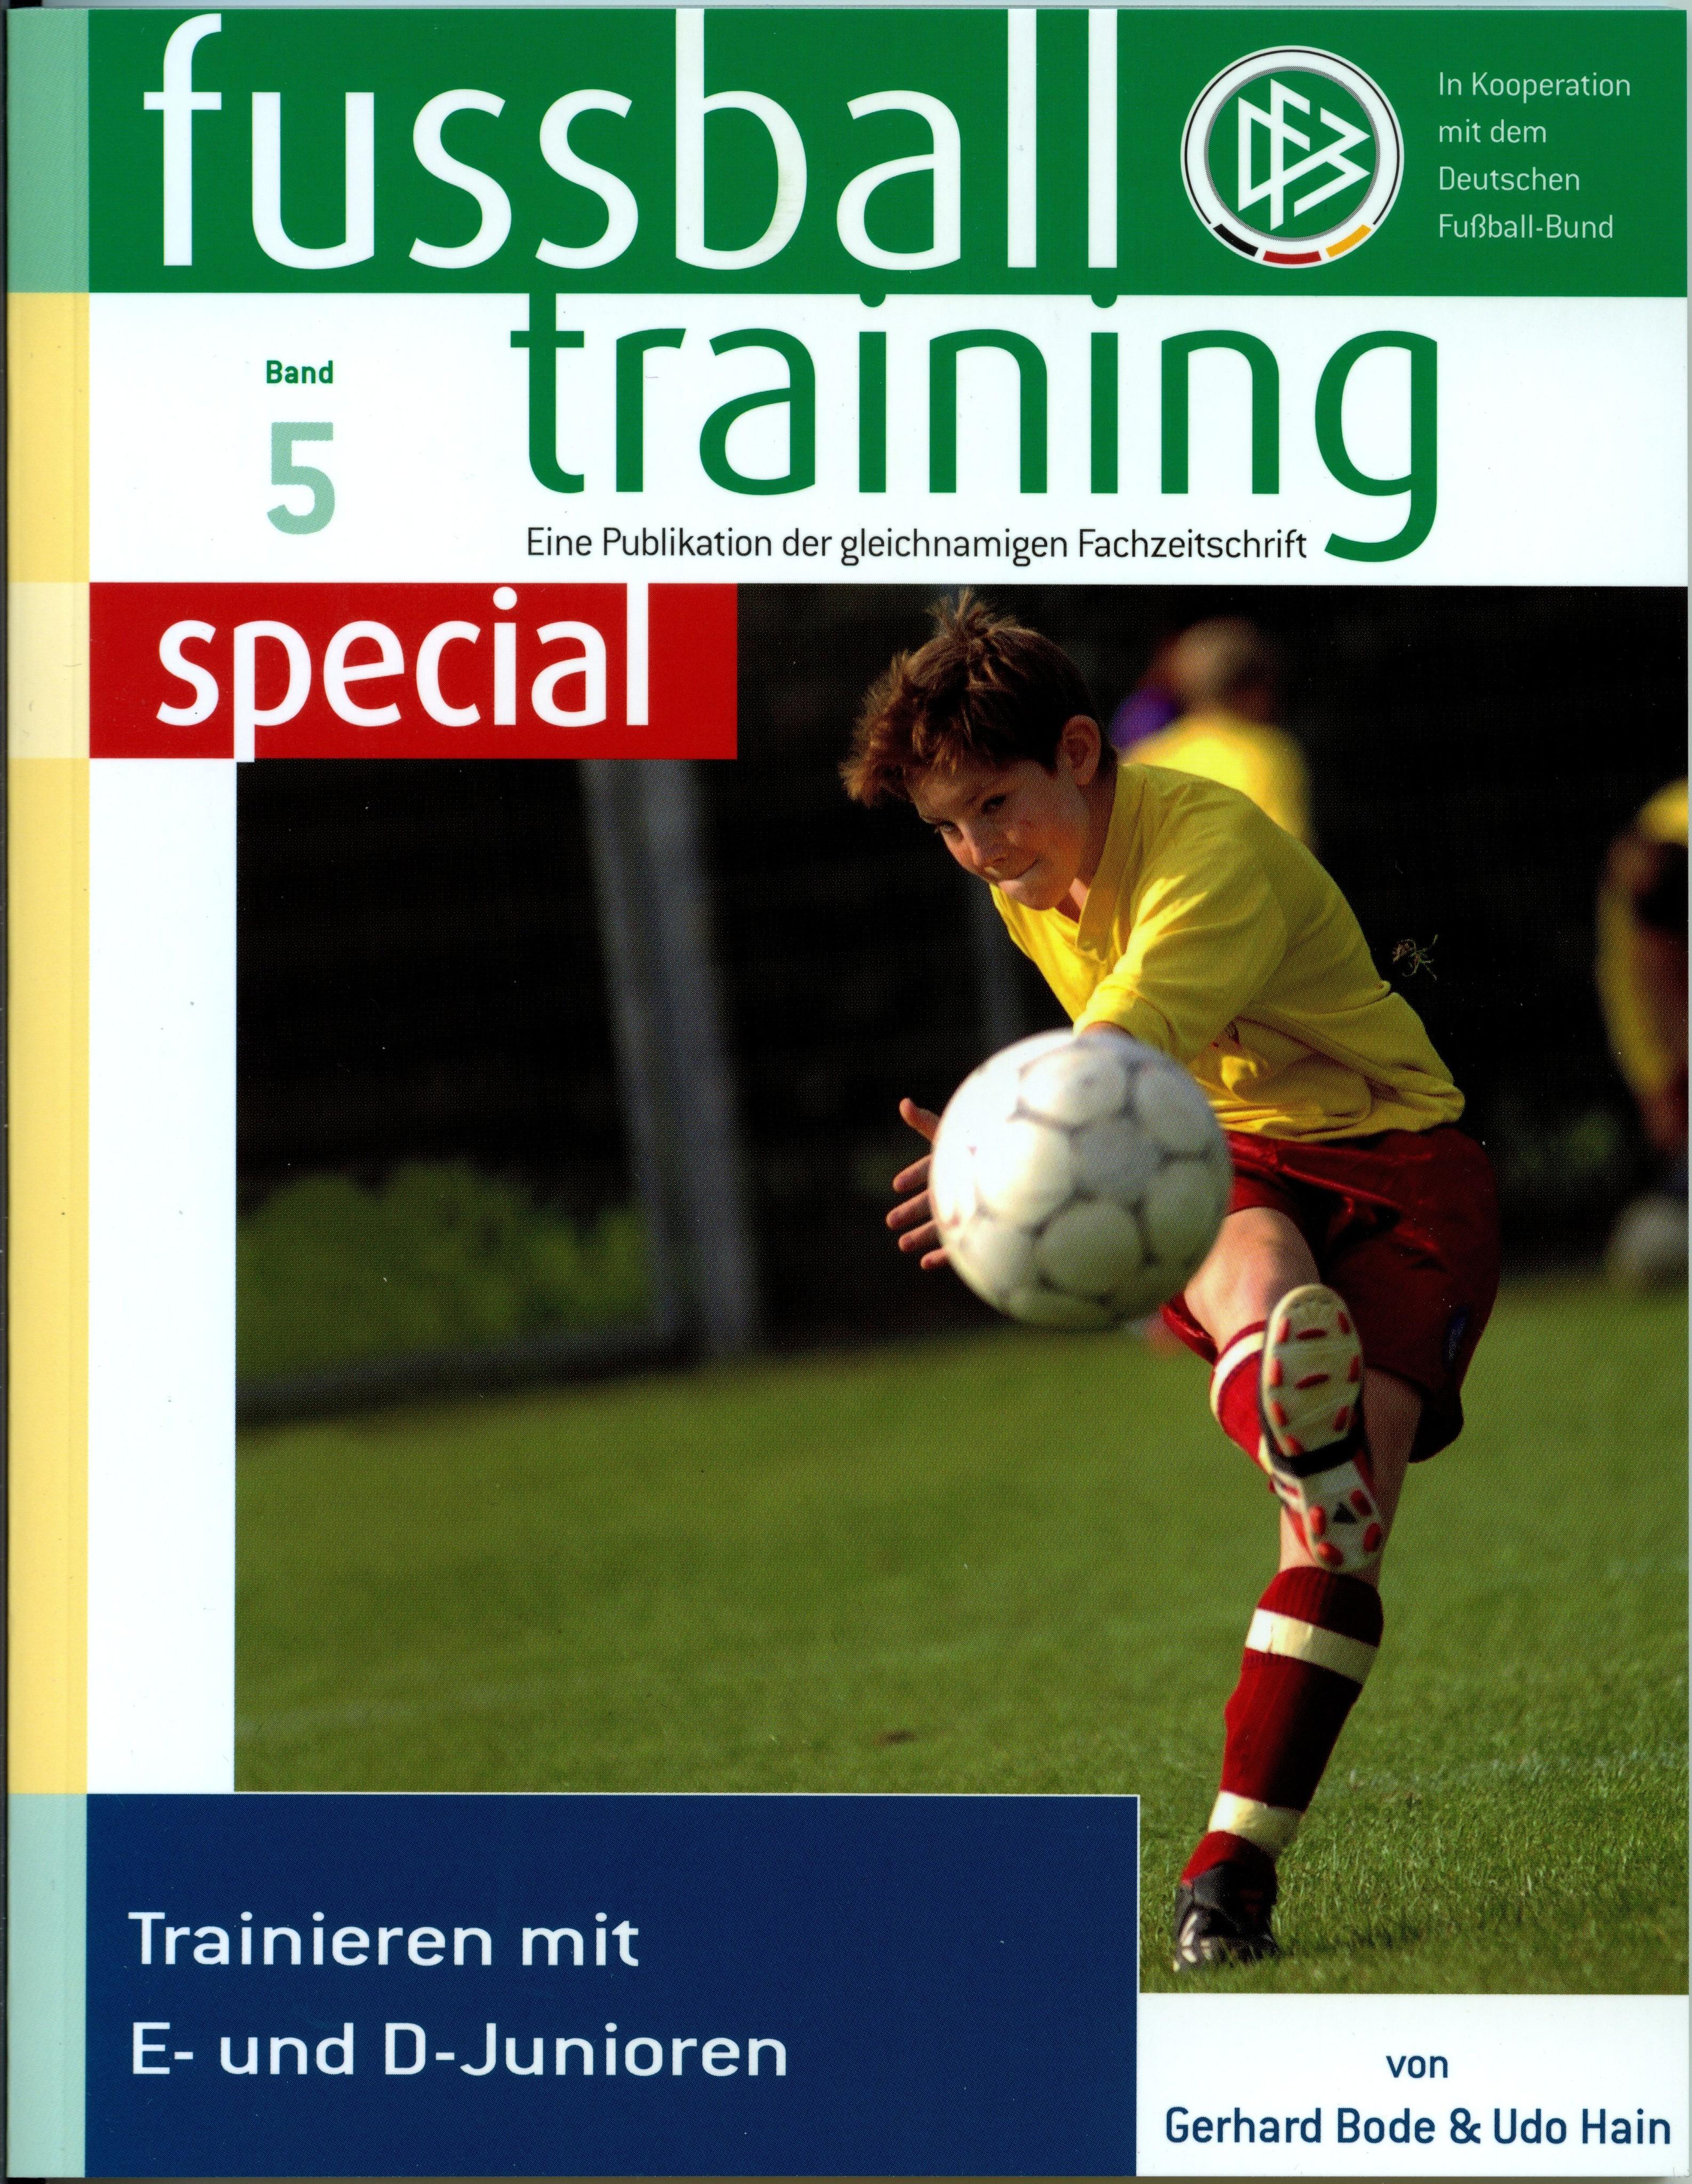 Trainieren-mit-E-und-D-Junioren-Gerhard-Bode